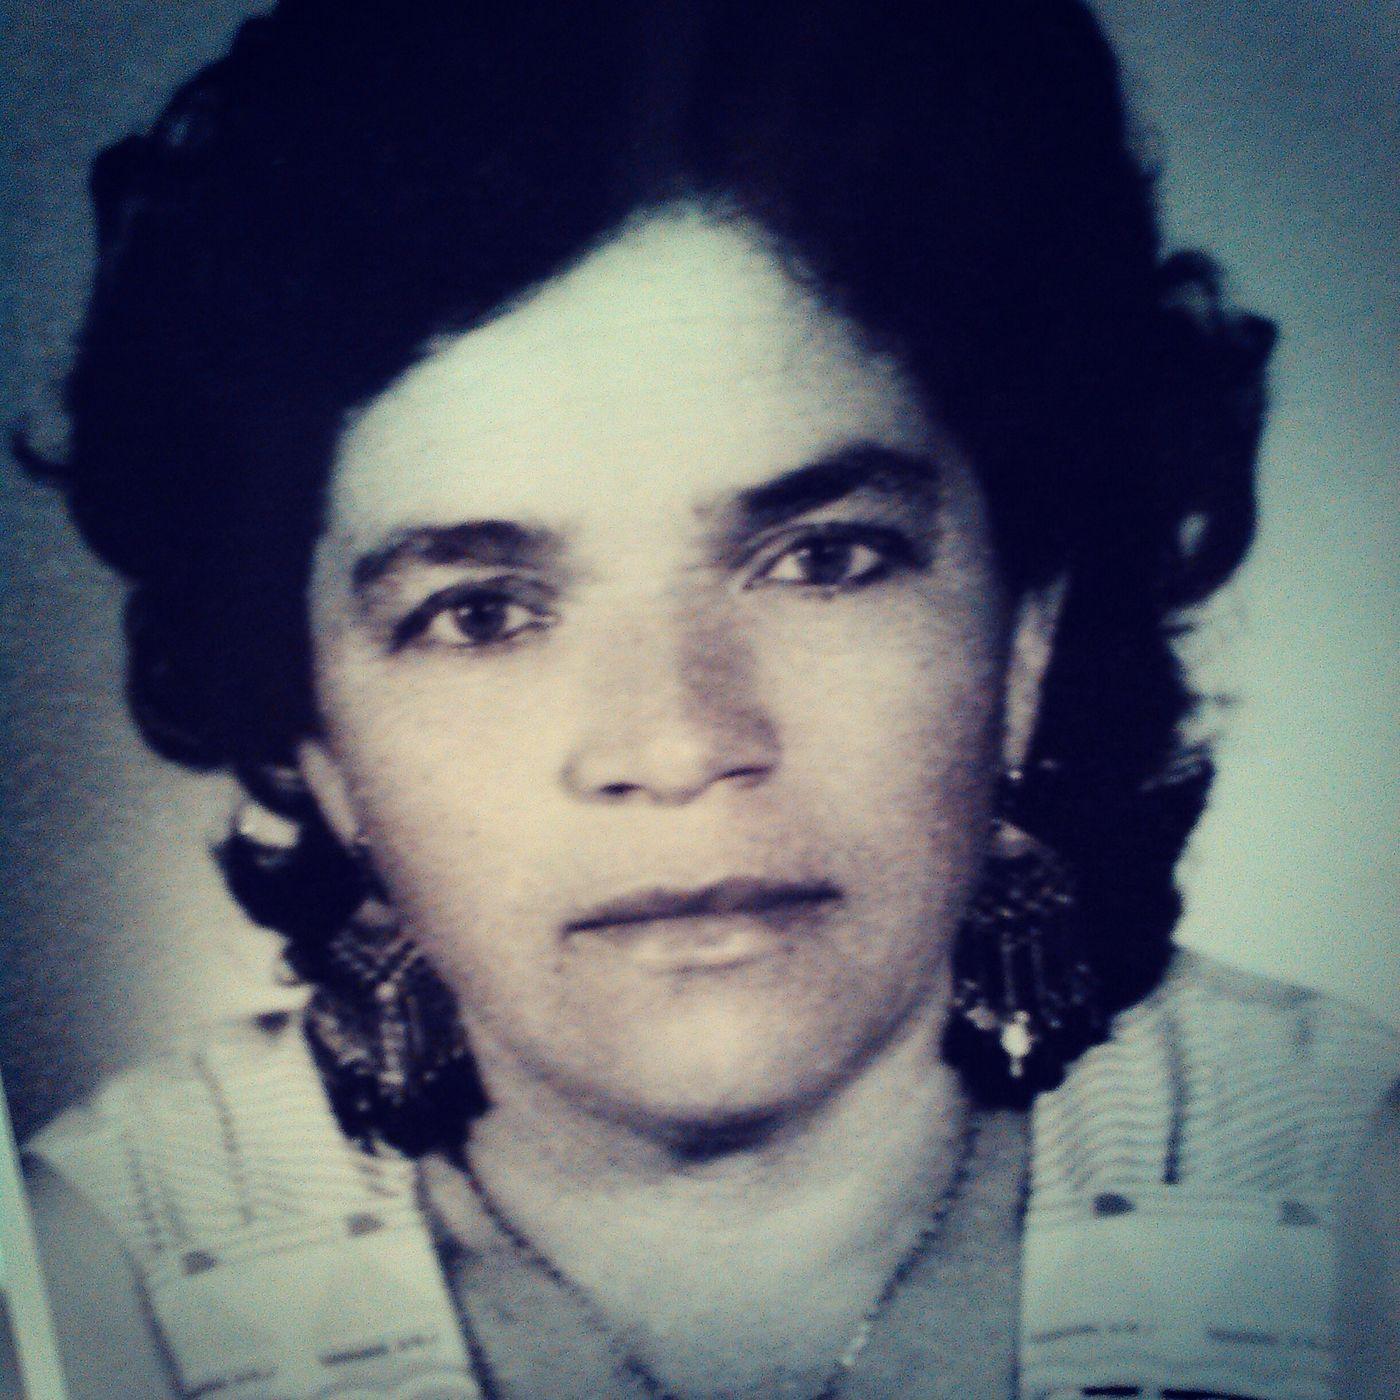 My Beautiful Grandma  I Love You So Much❤️❤️